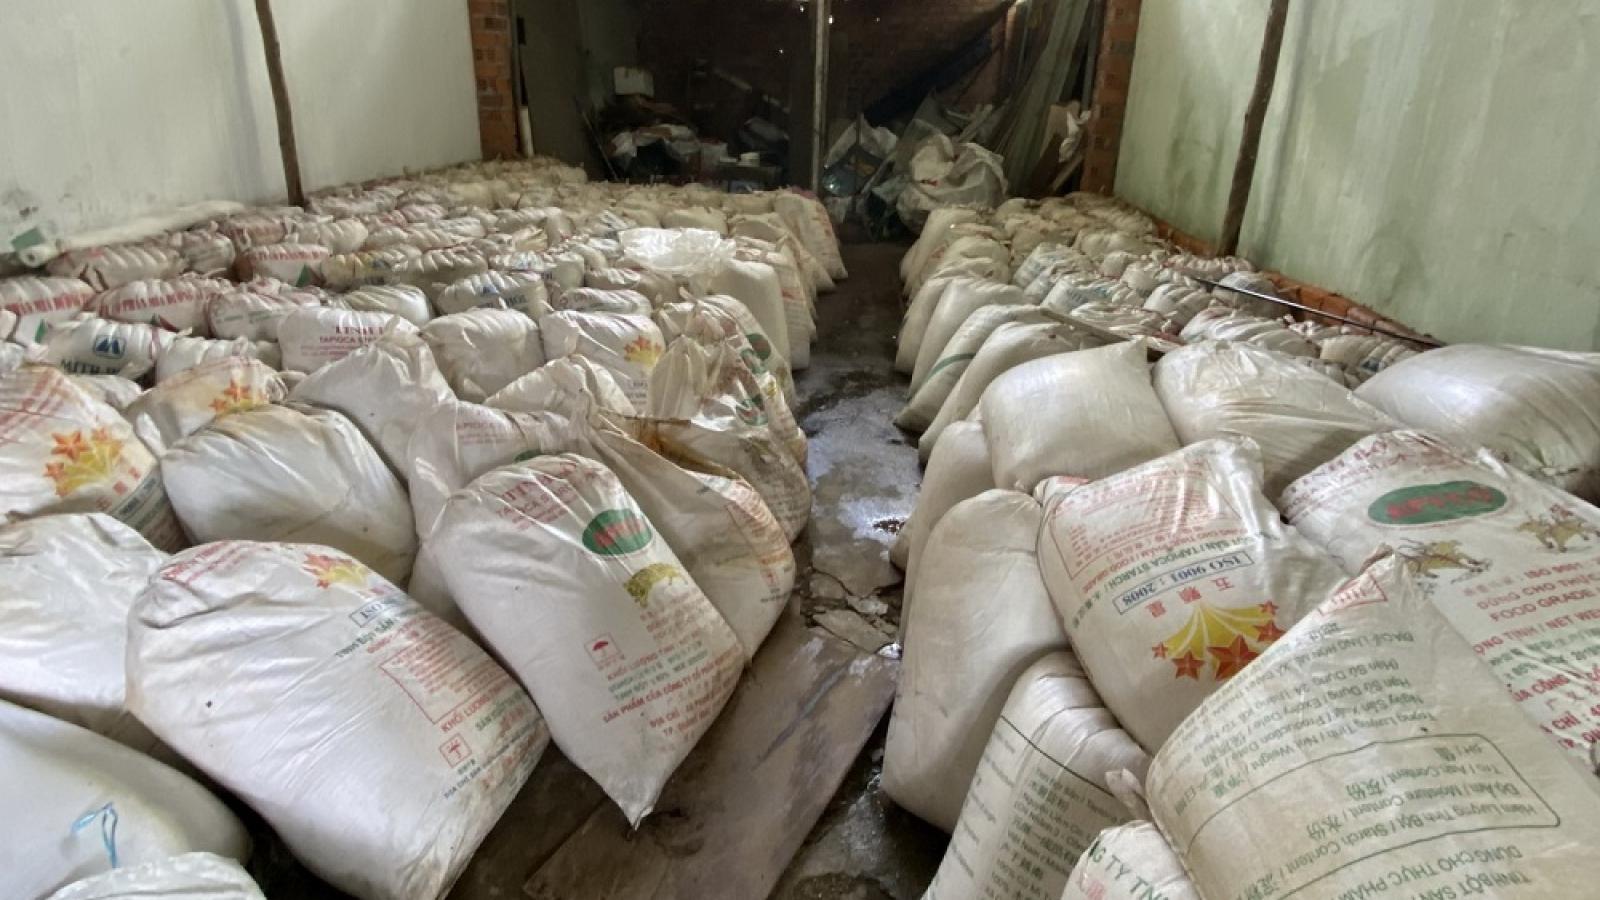 Phát hiện kho chứa 15 tấn ớt không hóa đơn chứng từ ở Đà Nẵng